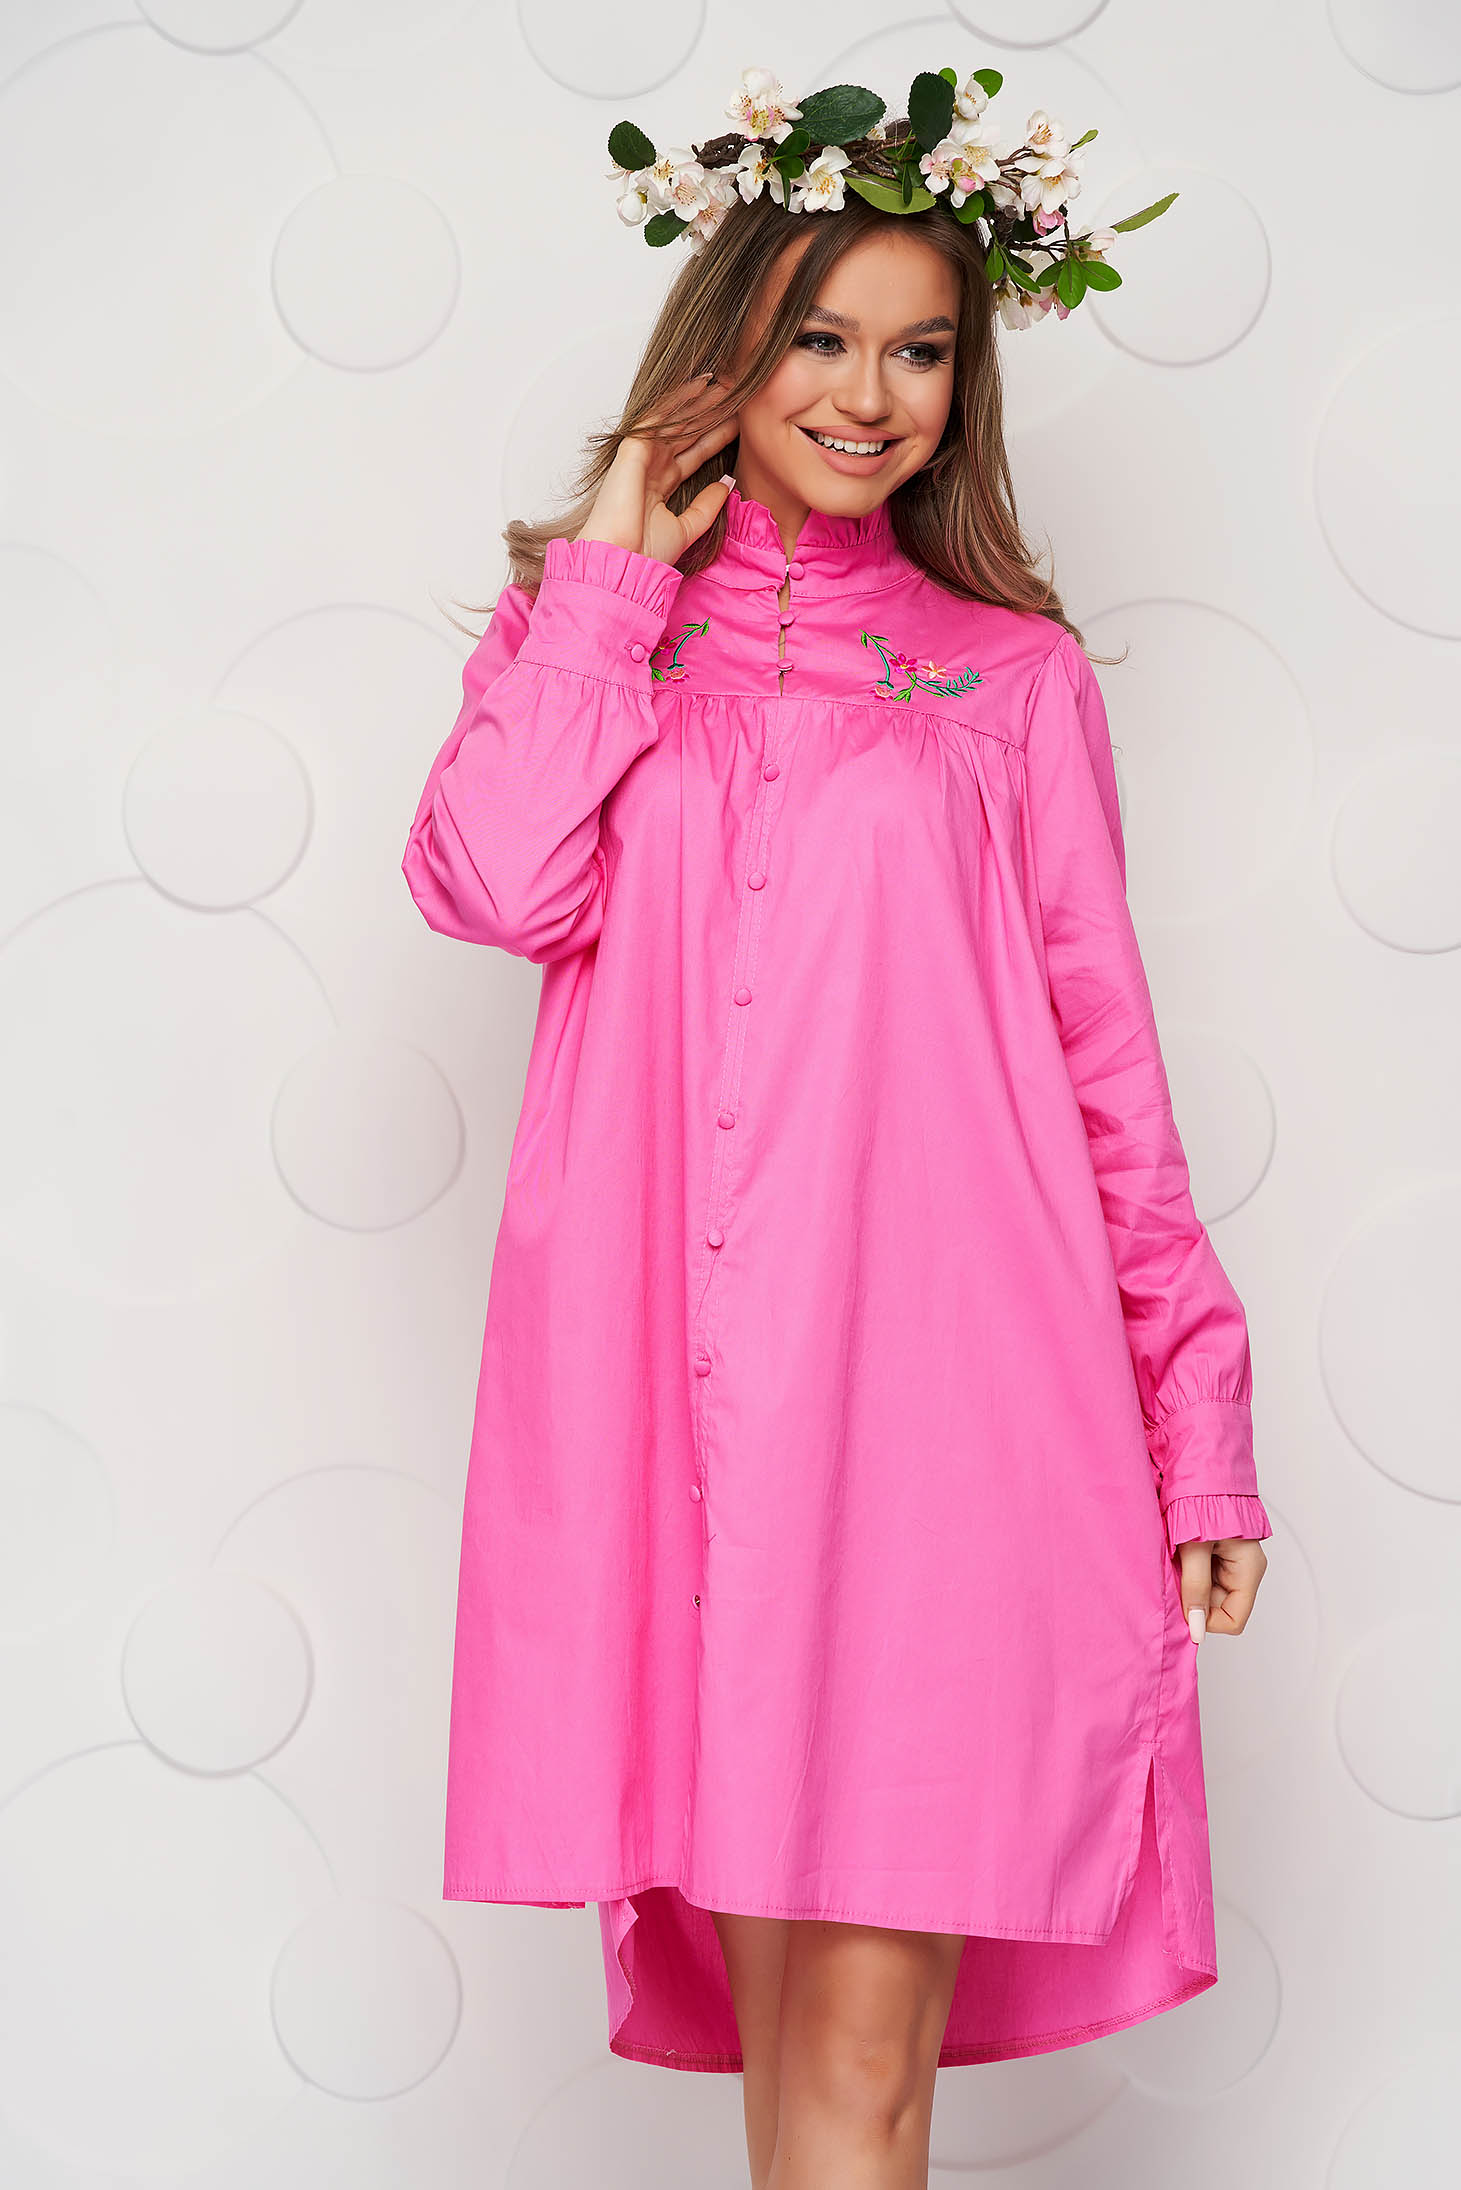 Rochie SunShine roz din bumbac subtire brodata cu croi larg si guler cu volanase